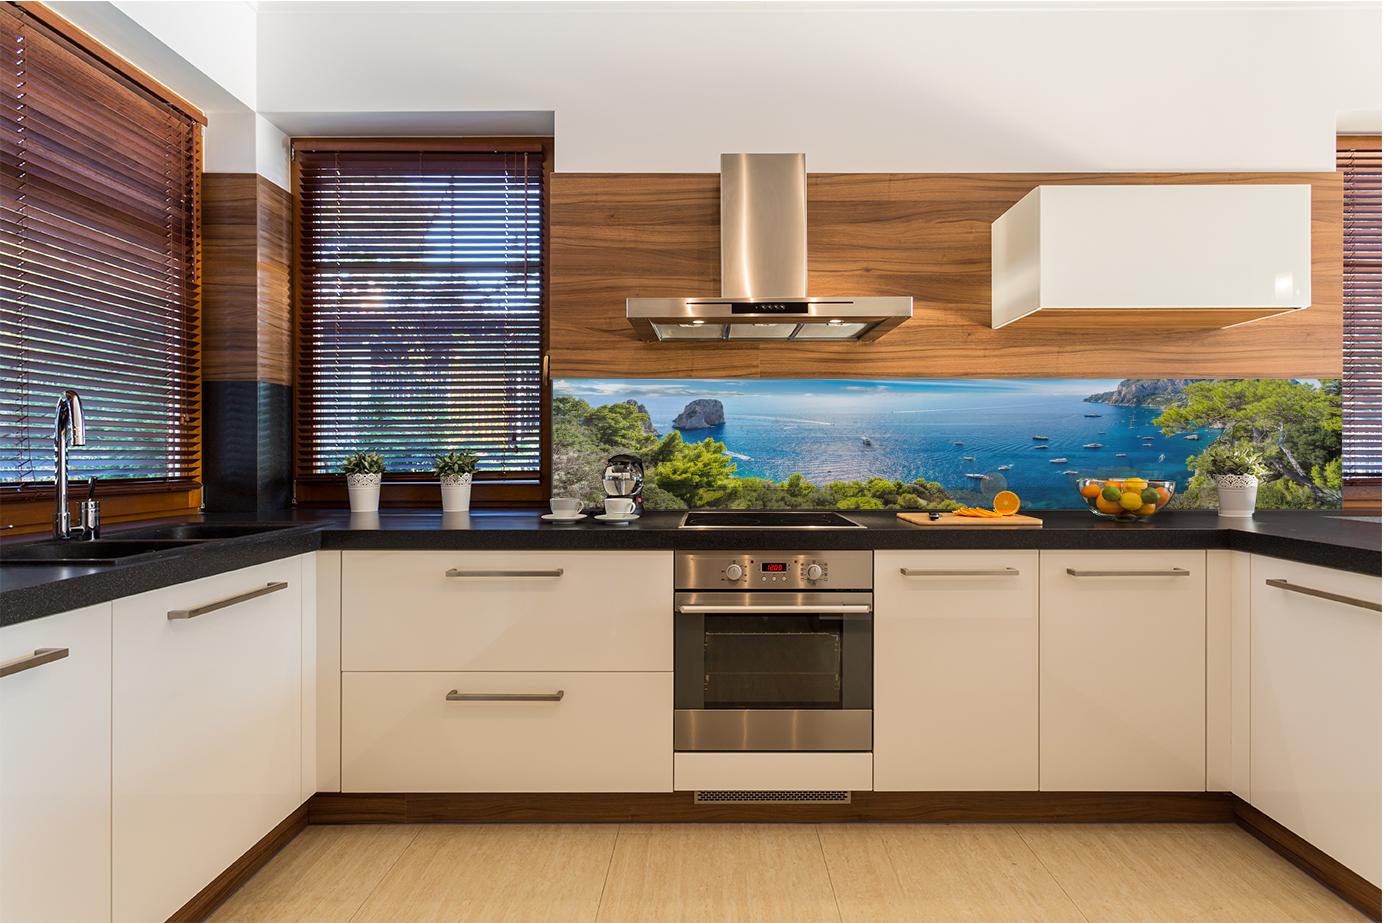 Paraschizzi rivestimento da parete cucina moderna natura blu capri island ebay - Rivestimento da parete cucina ...